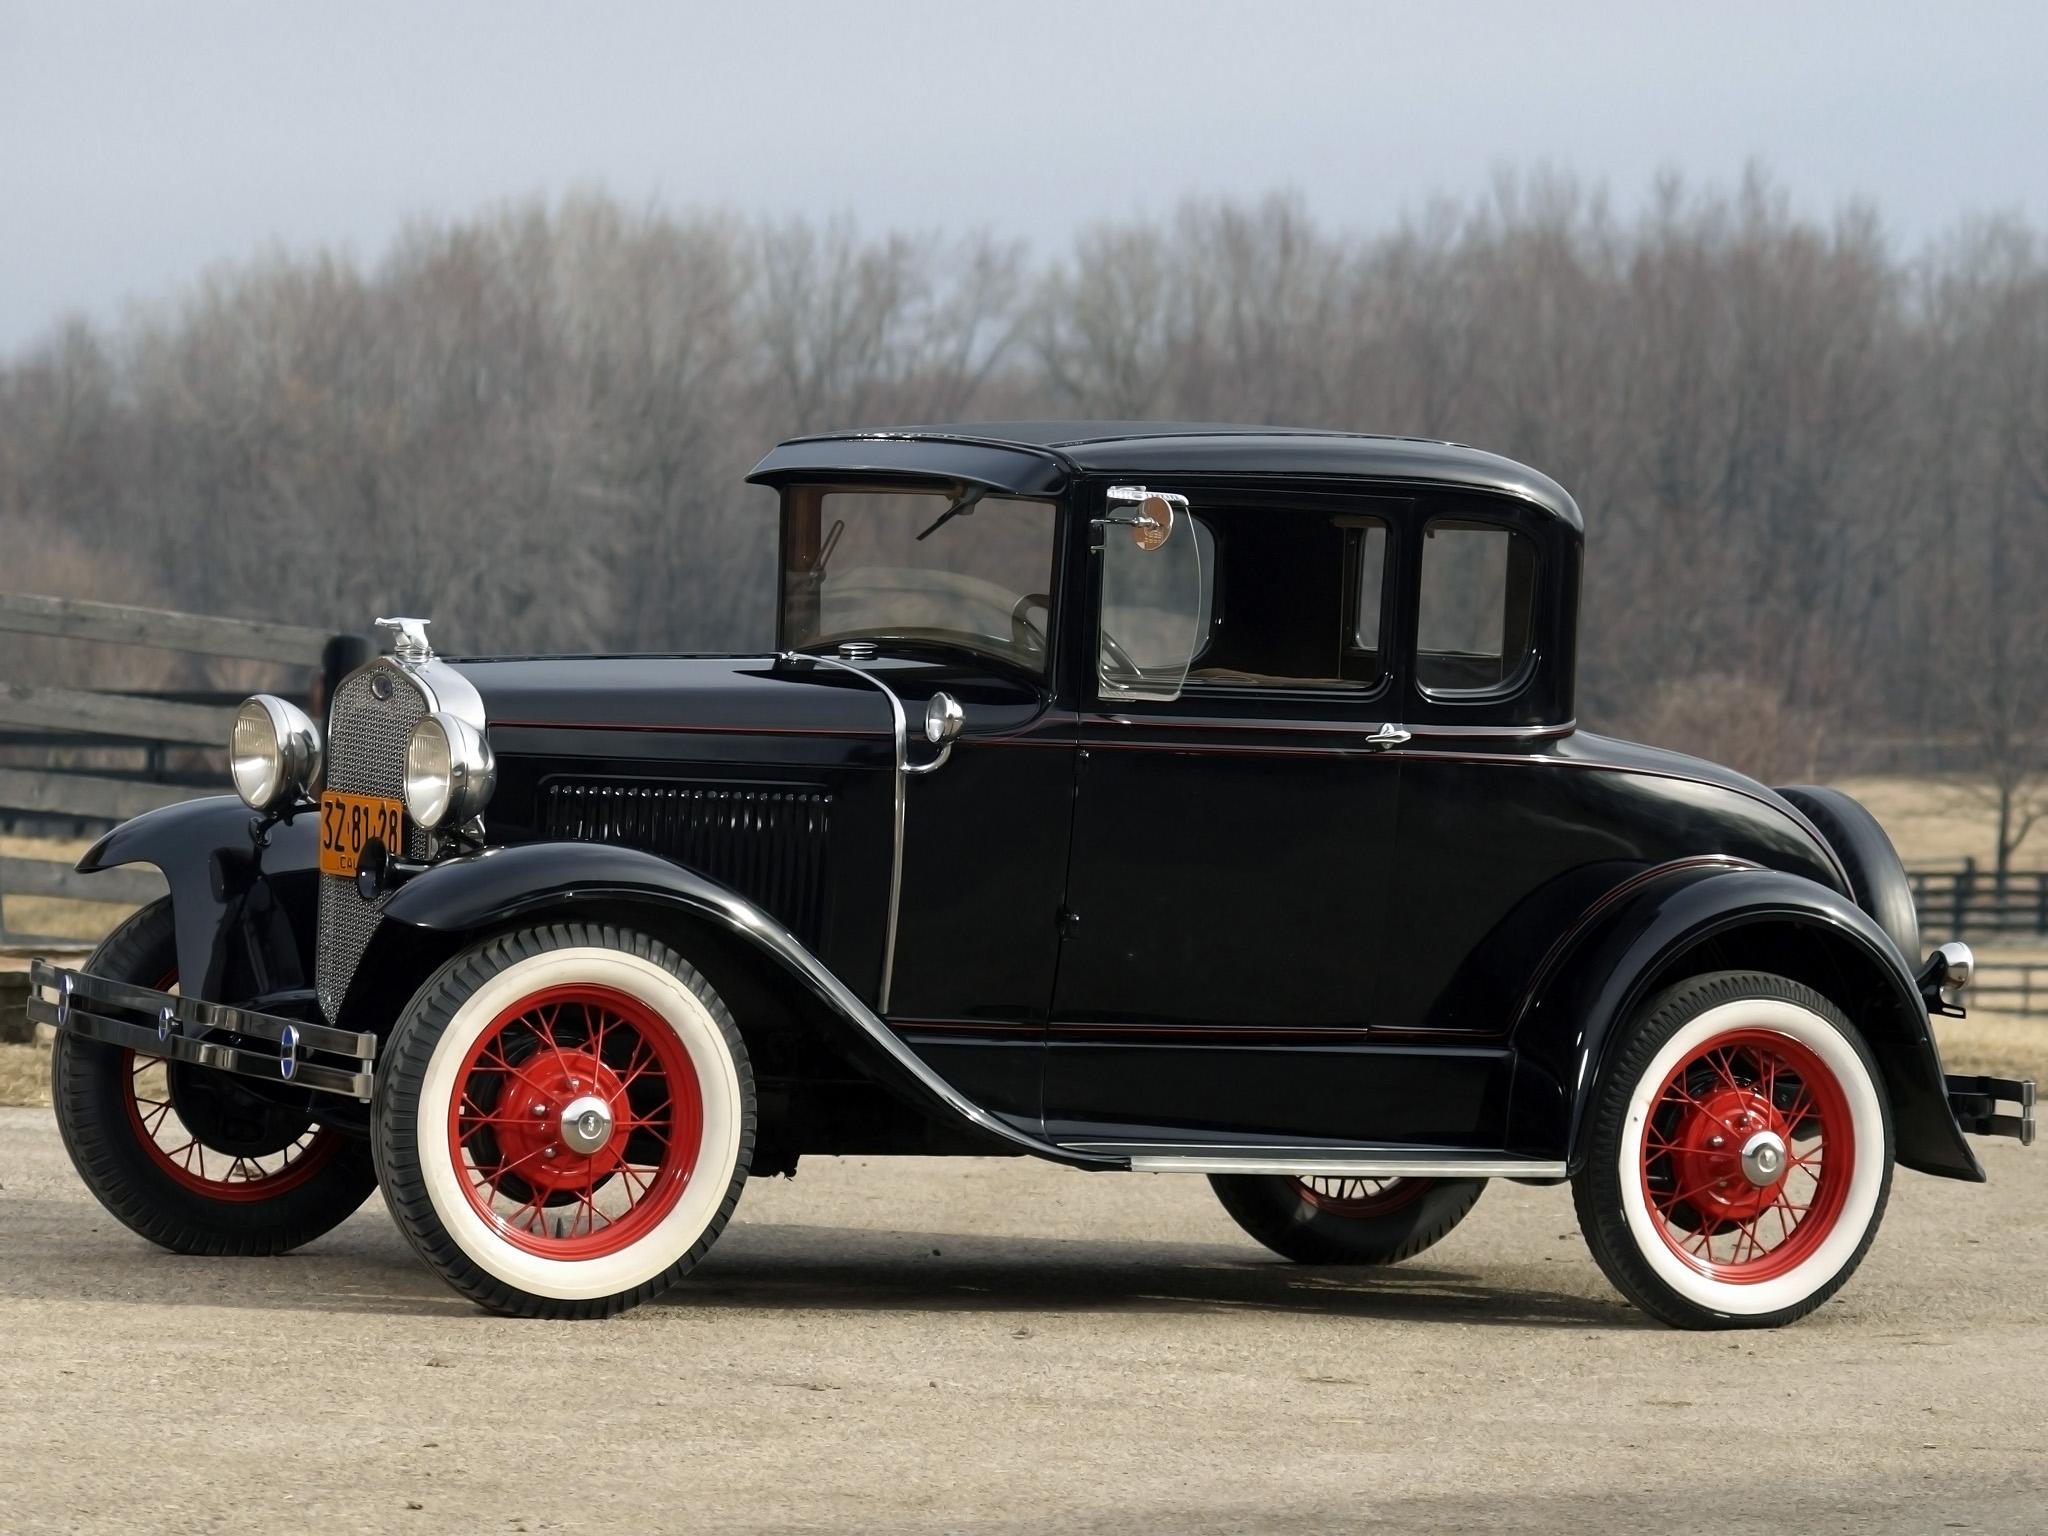 1930 ford model a 5 window coupe 45b retro f wallpaper for 1930 model a 5 window coupe for sale